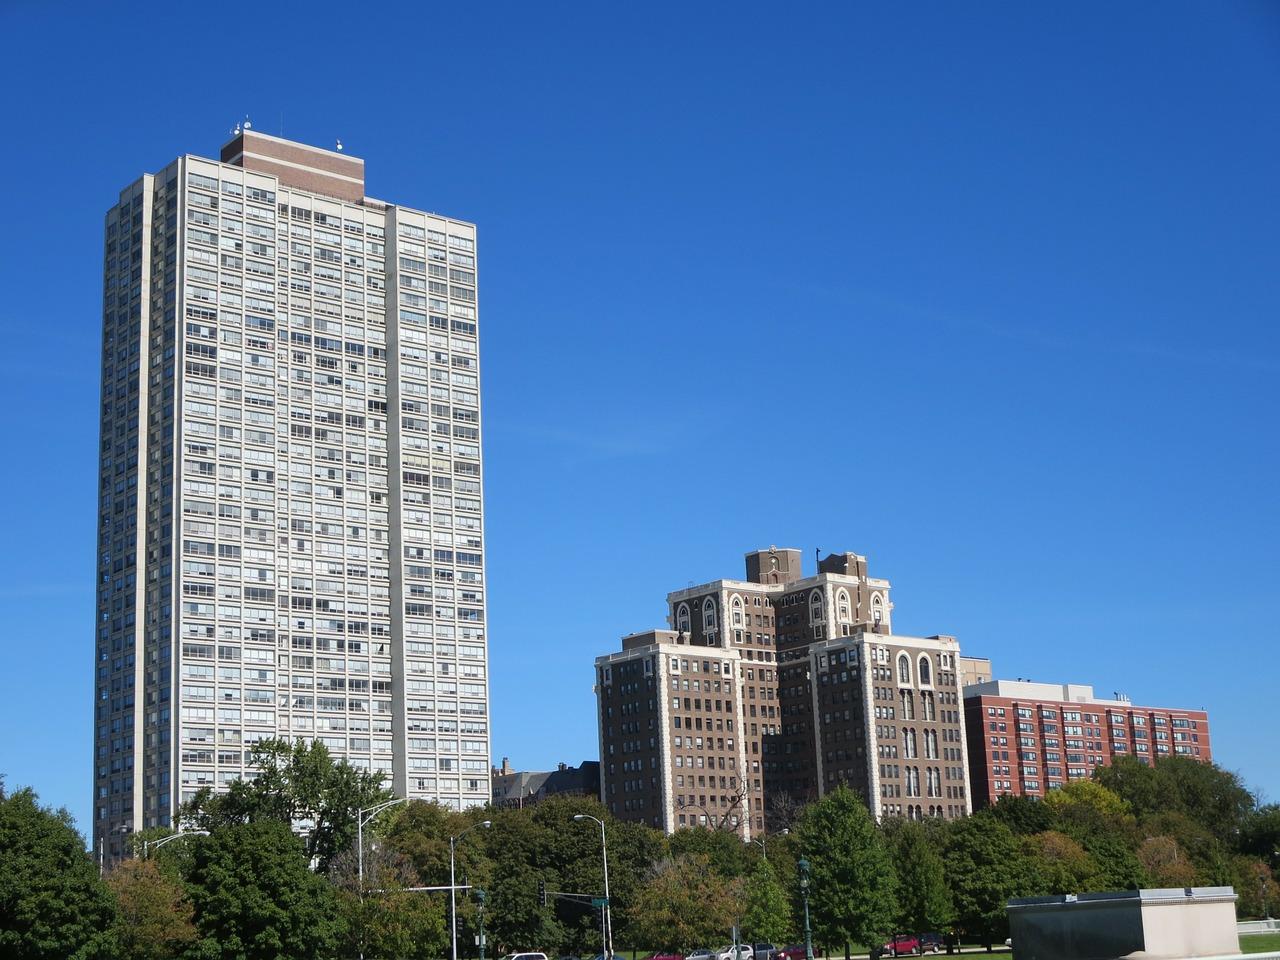 buildings-185542_1280